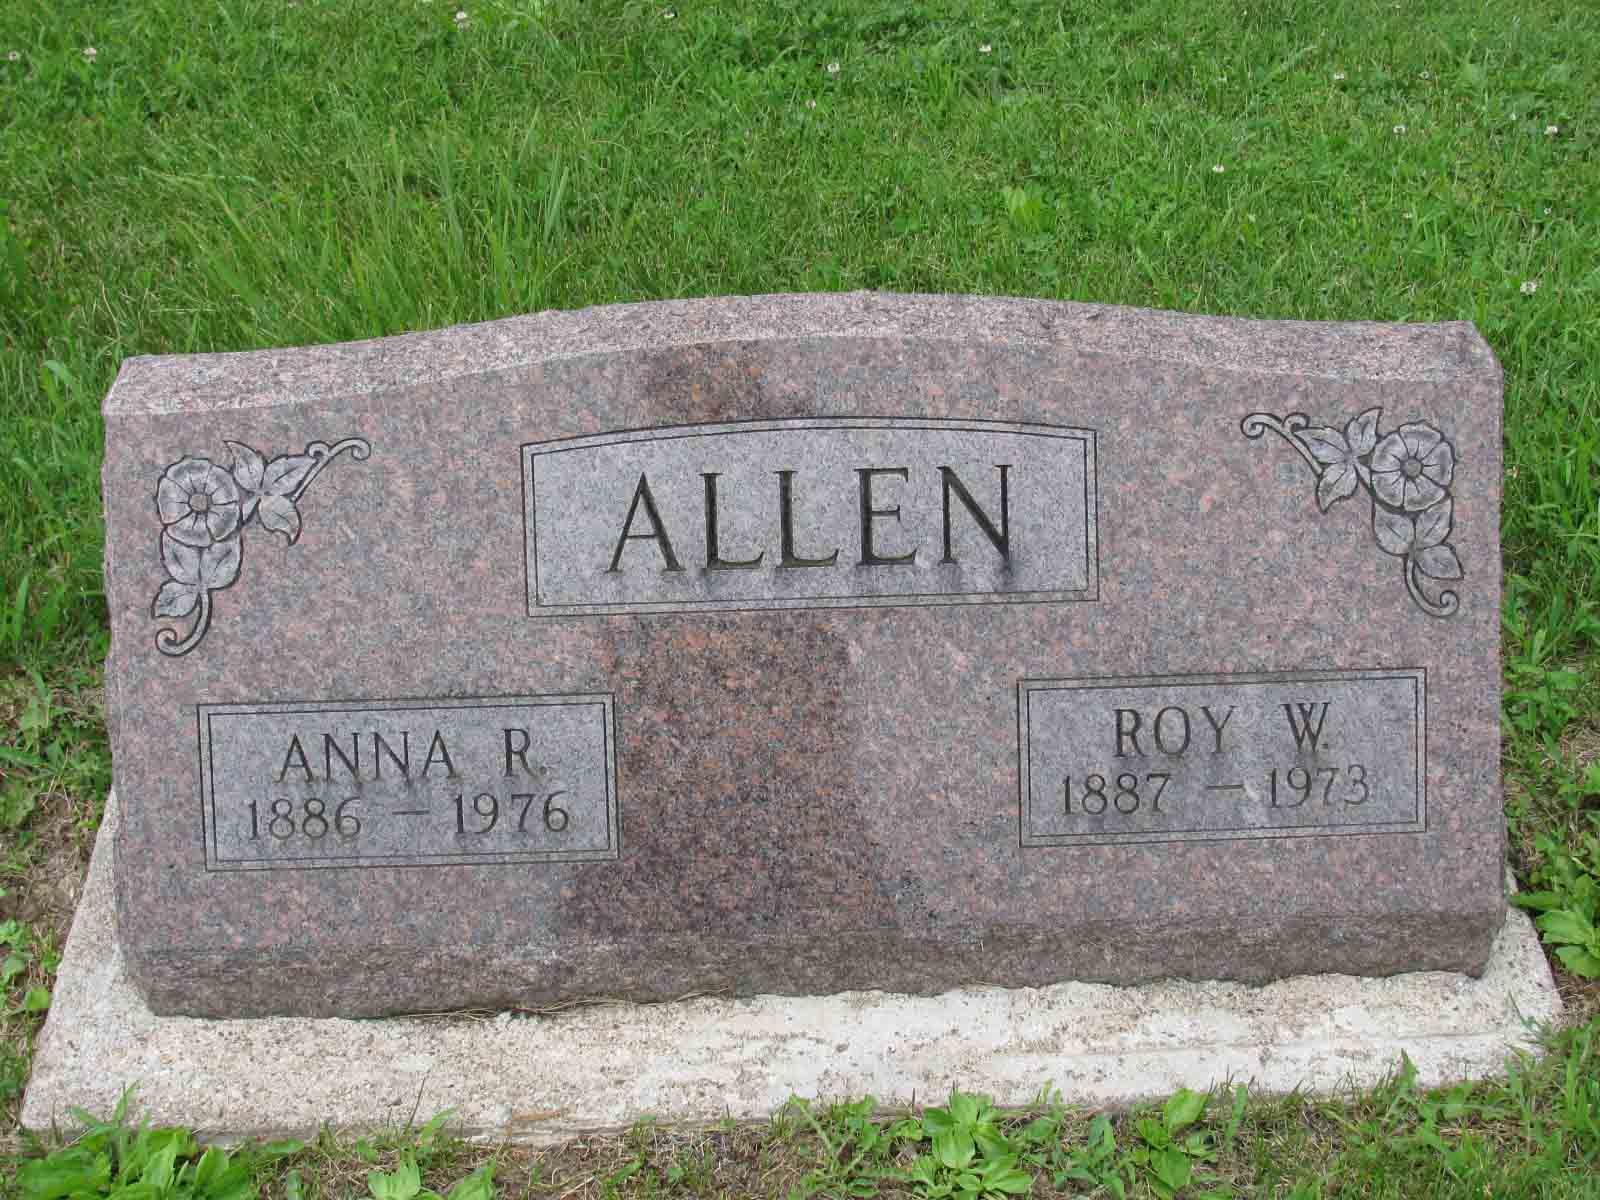 Anna R. Allen